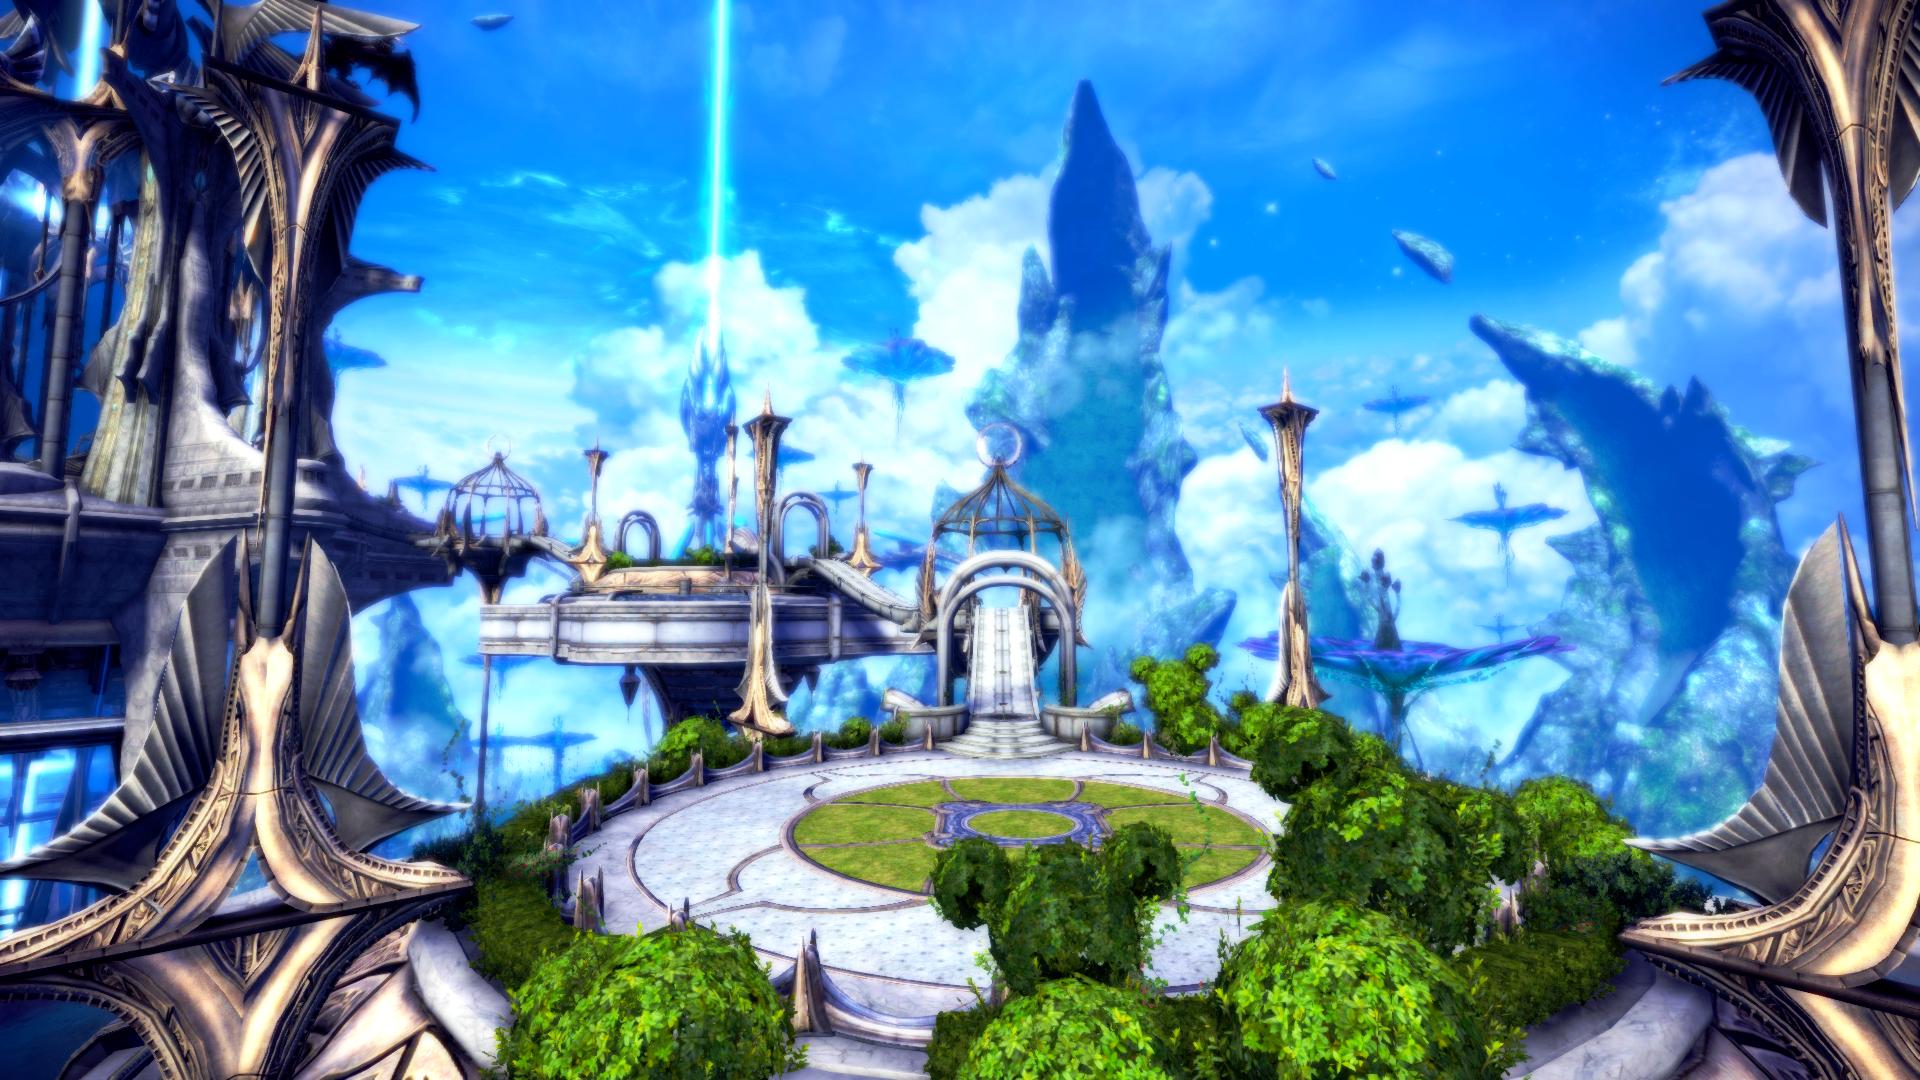 サレロンの空中庭園